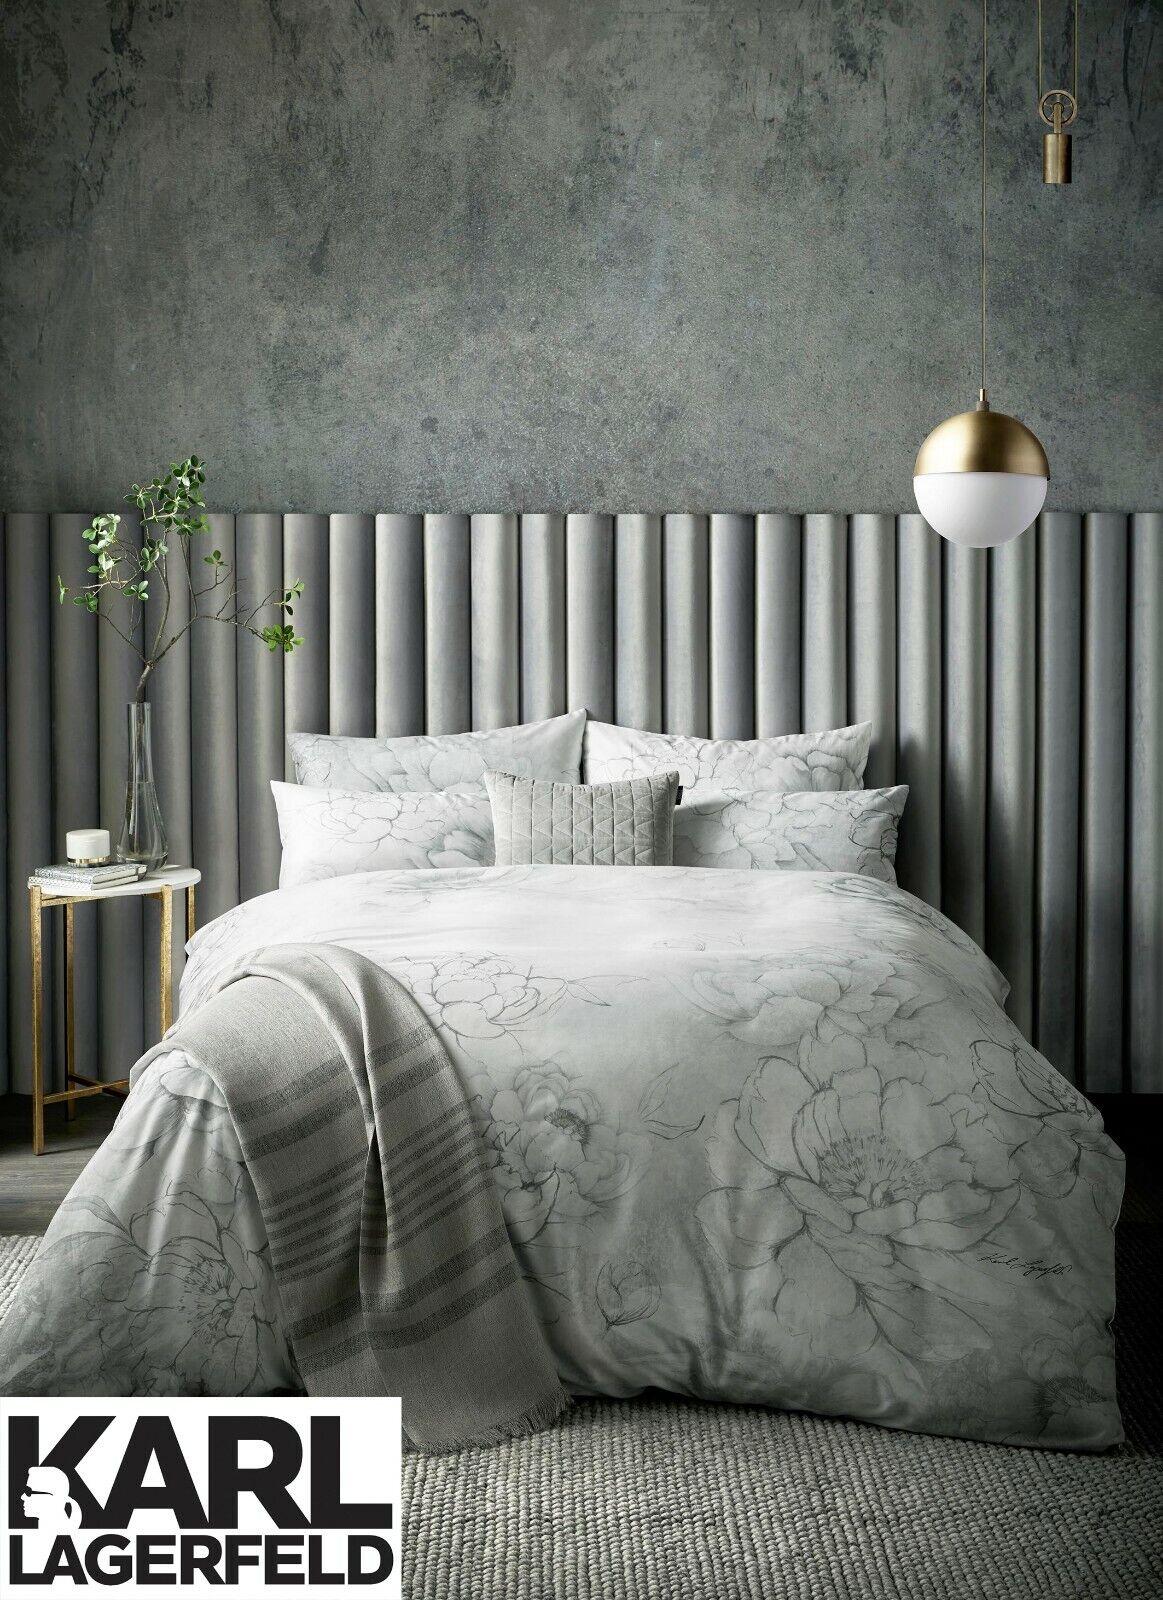 Karl Lagerfeld Designer KALLIE 100% Cotton Sateen 220 Thread Count Bedding grau